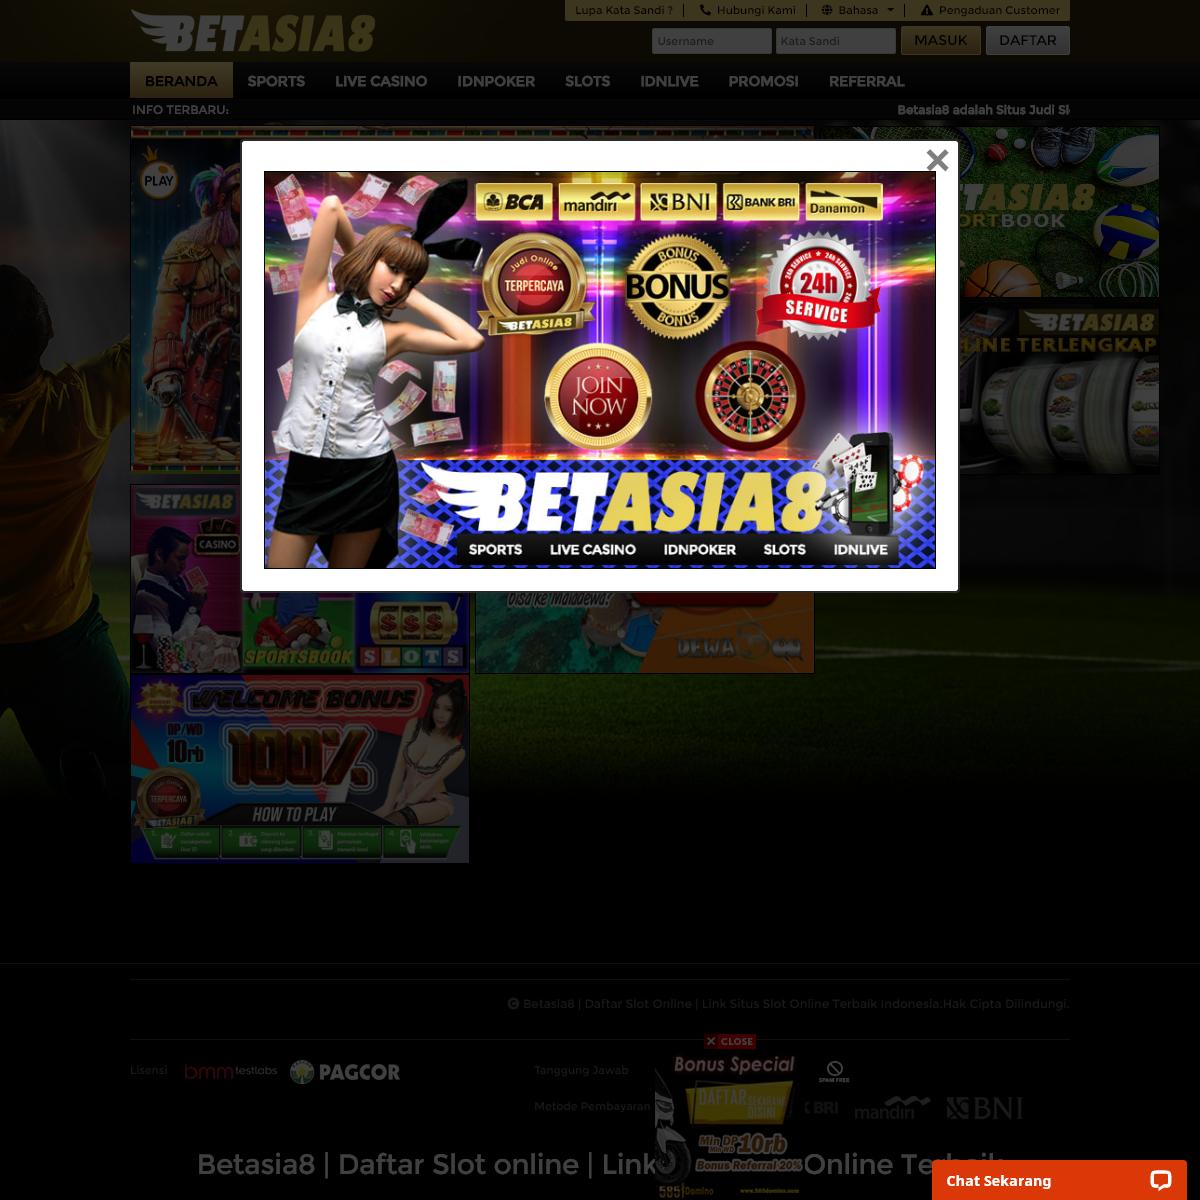 Betasia8 - Daftar Slot Online - Link Situs Slot Online Terbaik Indonesia